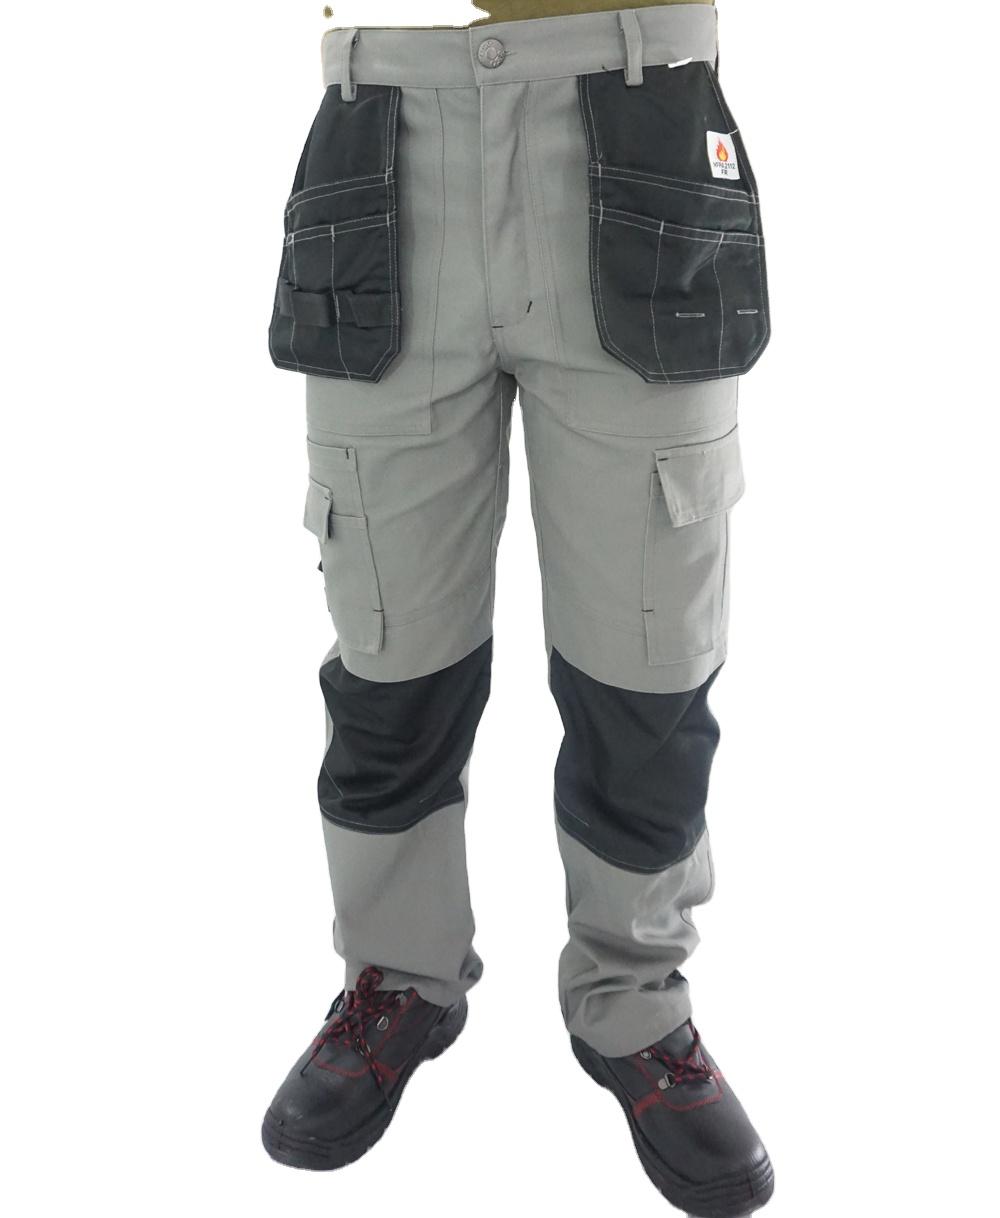 2020 großhandel Europäischen mechaniker industrie 6 Tasche bau hosen arbeit Nach Cargo Hosen Männer